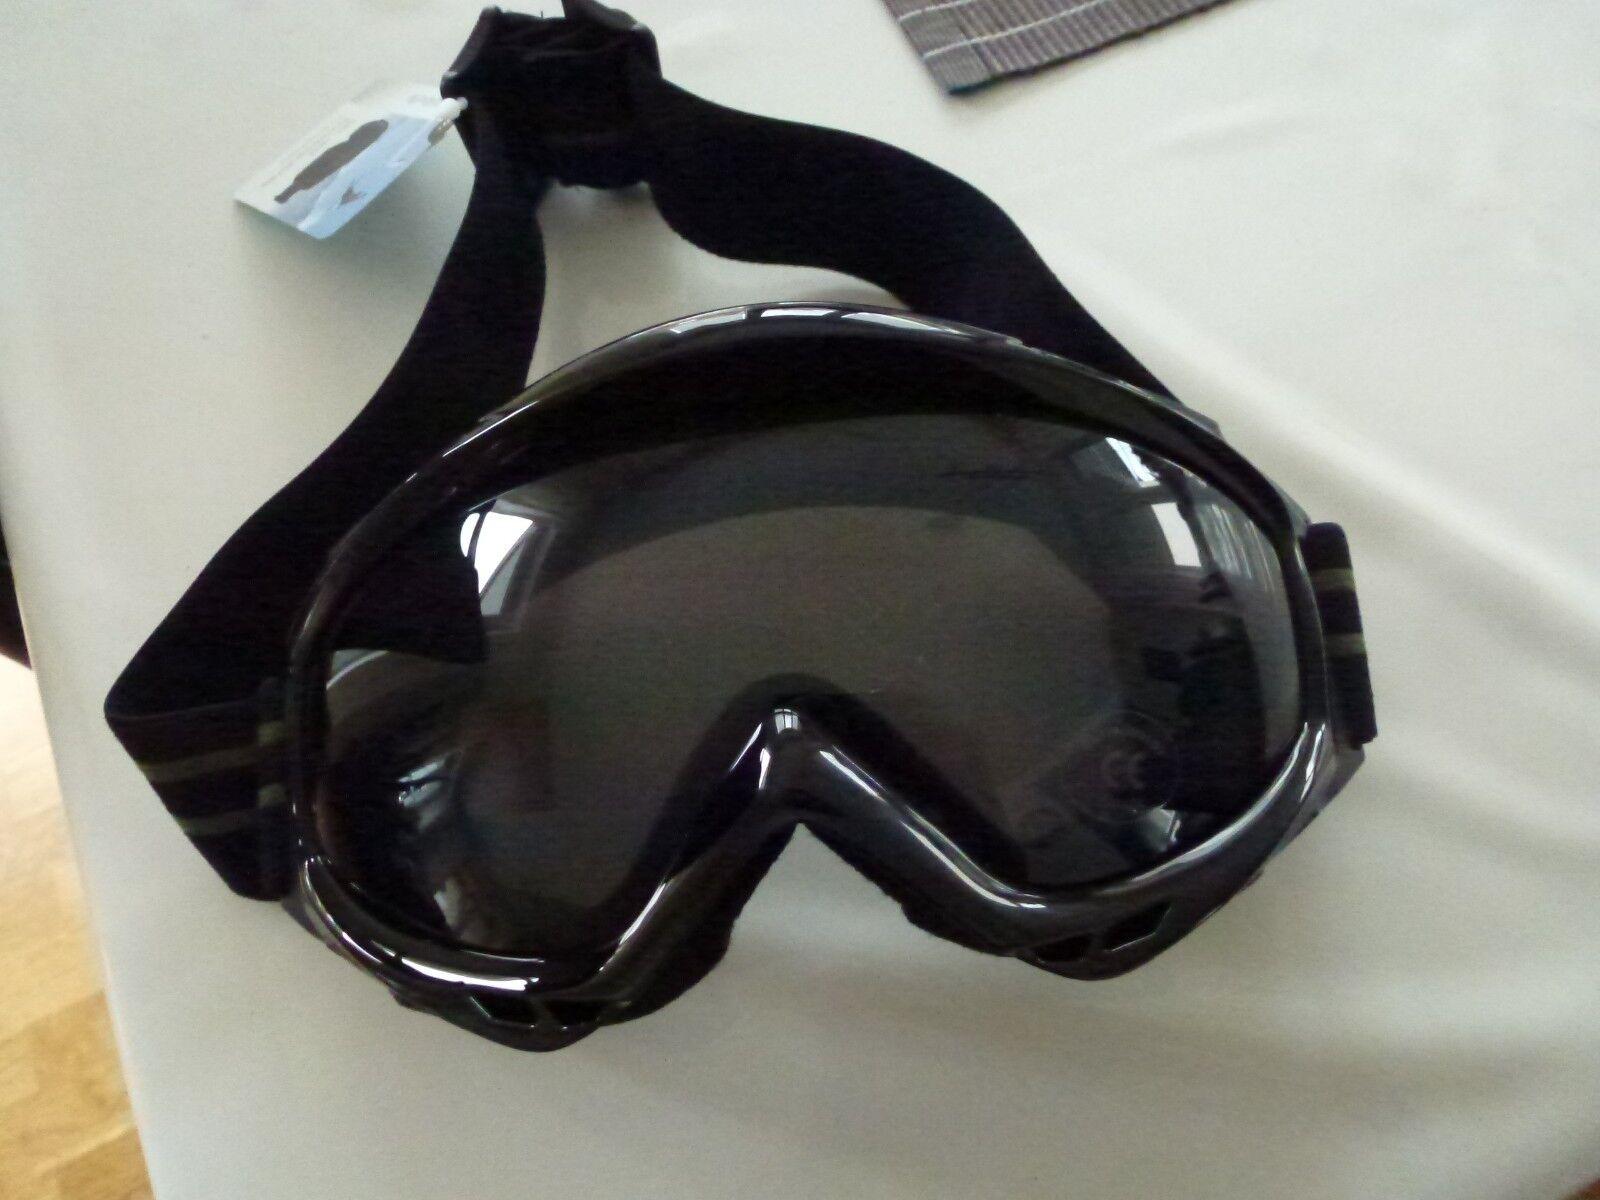 Hochwertige Herren - Skibrille mit UV-Schutz - Glas schwarz ink. Etui